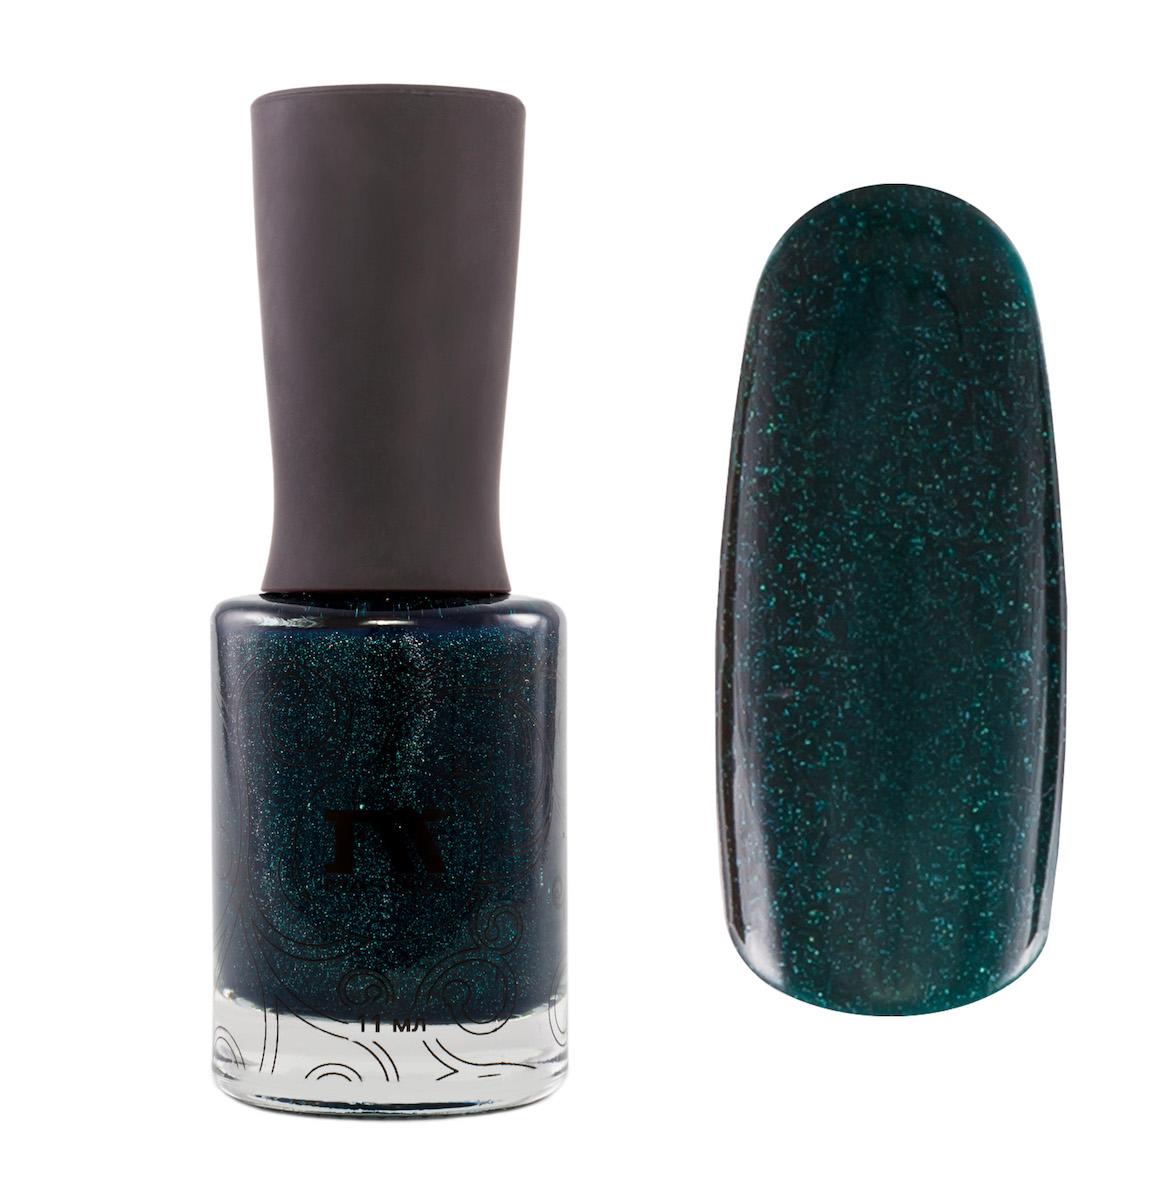 Masura Лак для ногтей Поменьше бы Понедельников, 11 мл28032022темно-зеленый с изумрудным подтоном, с явным голографическим и зеленовато-голубым мерцанием